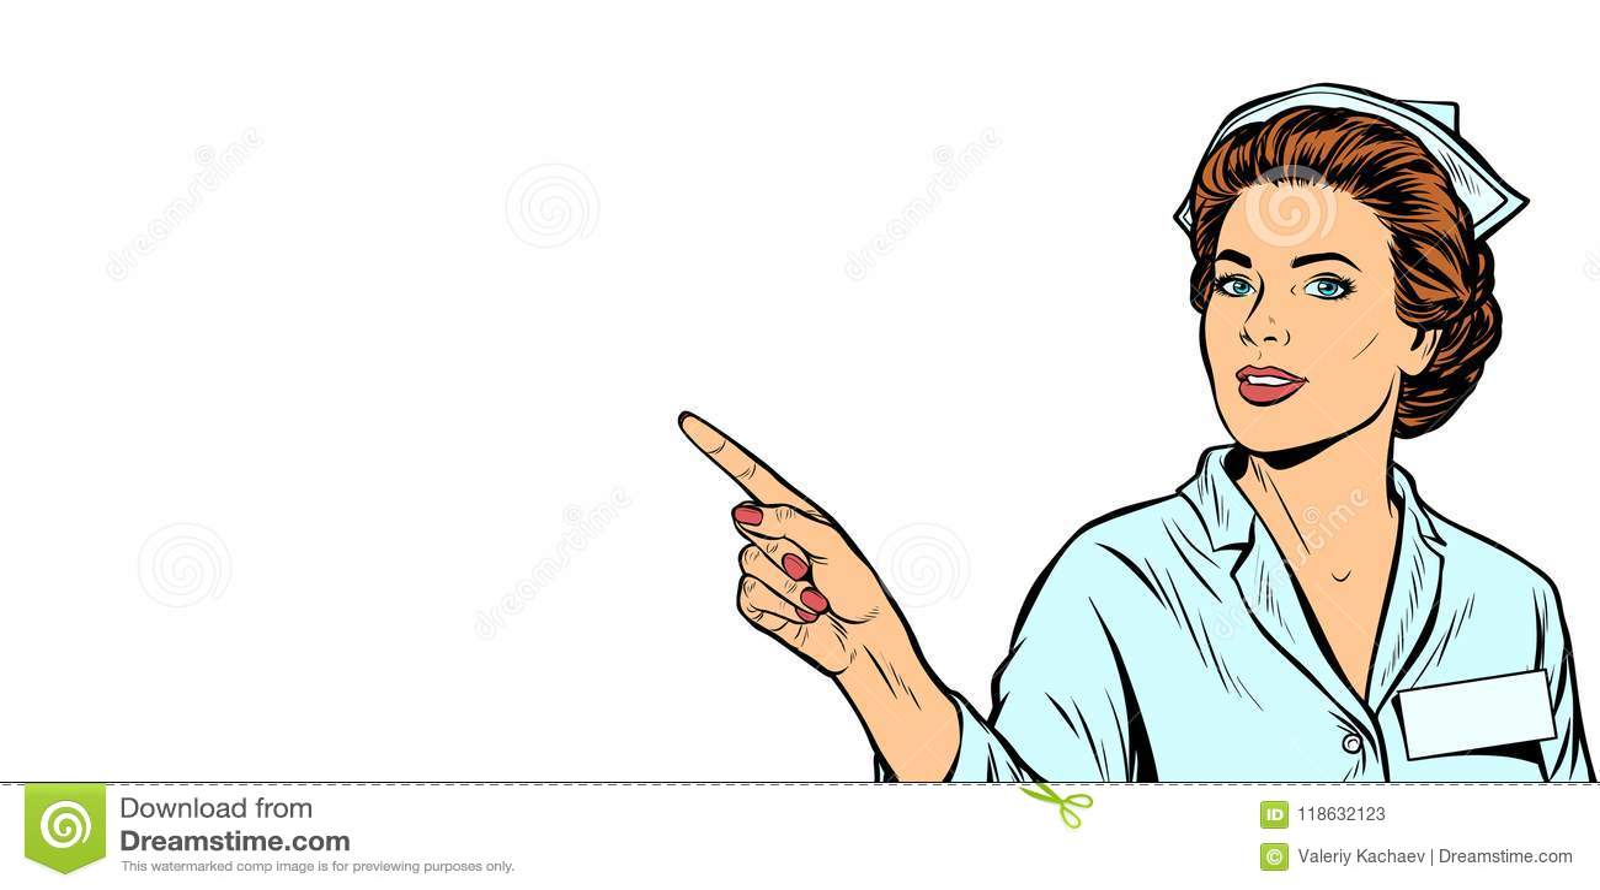 De verpleegster richt een vinger